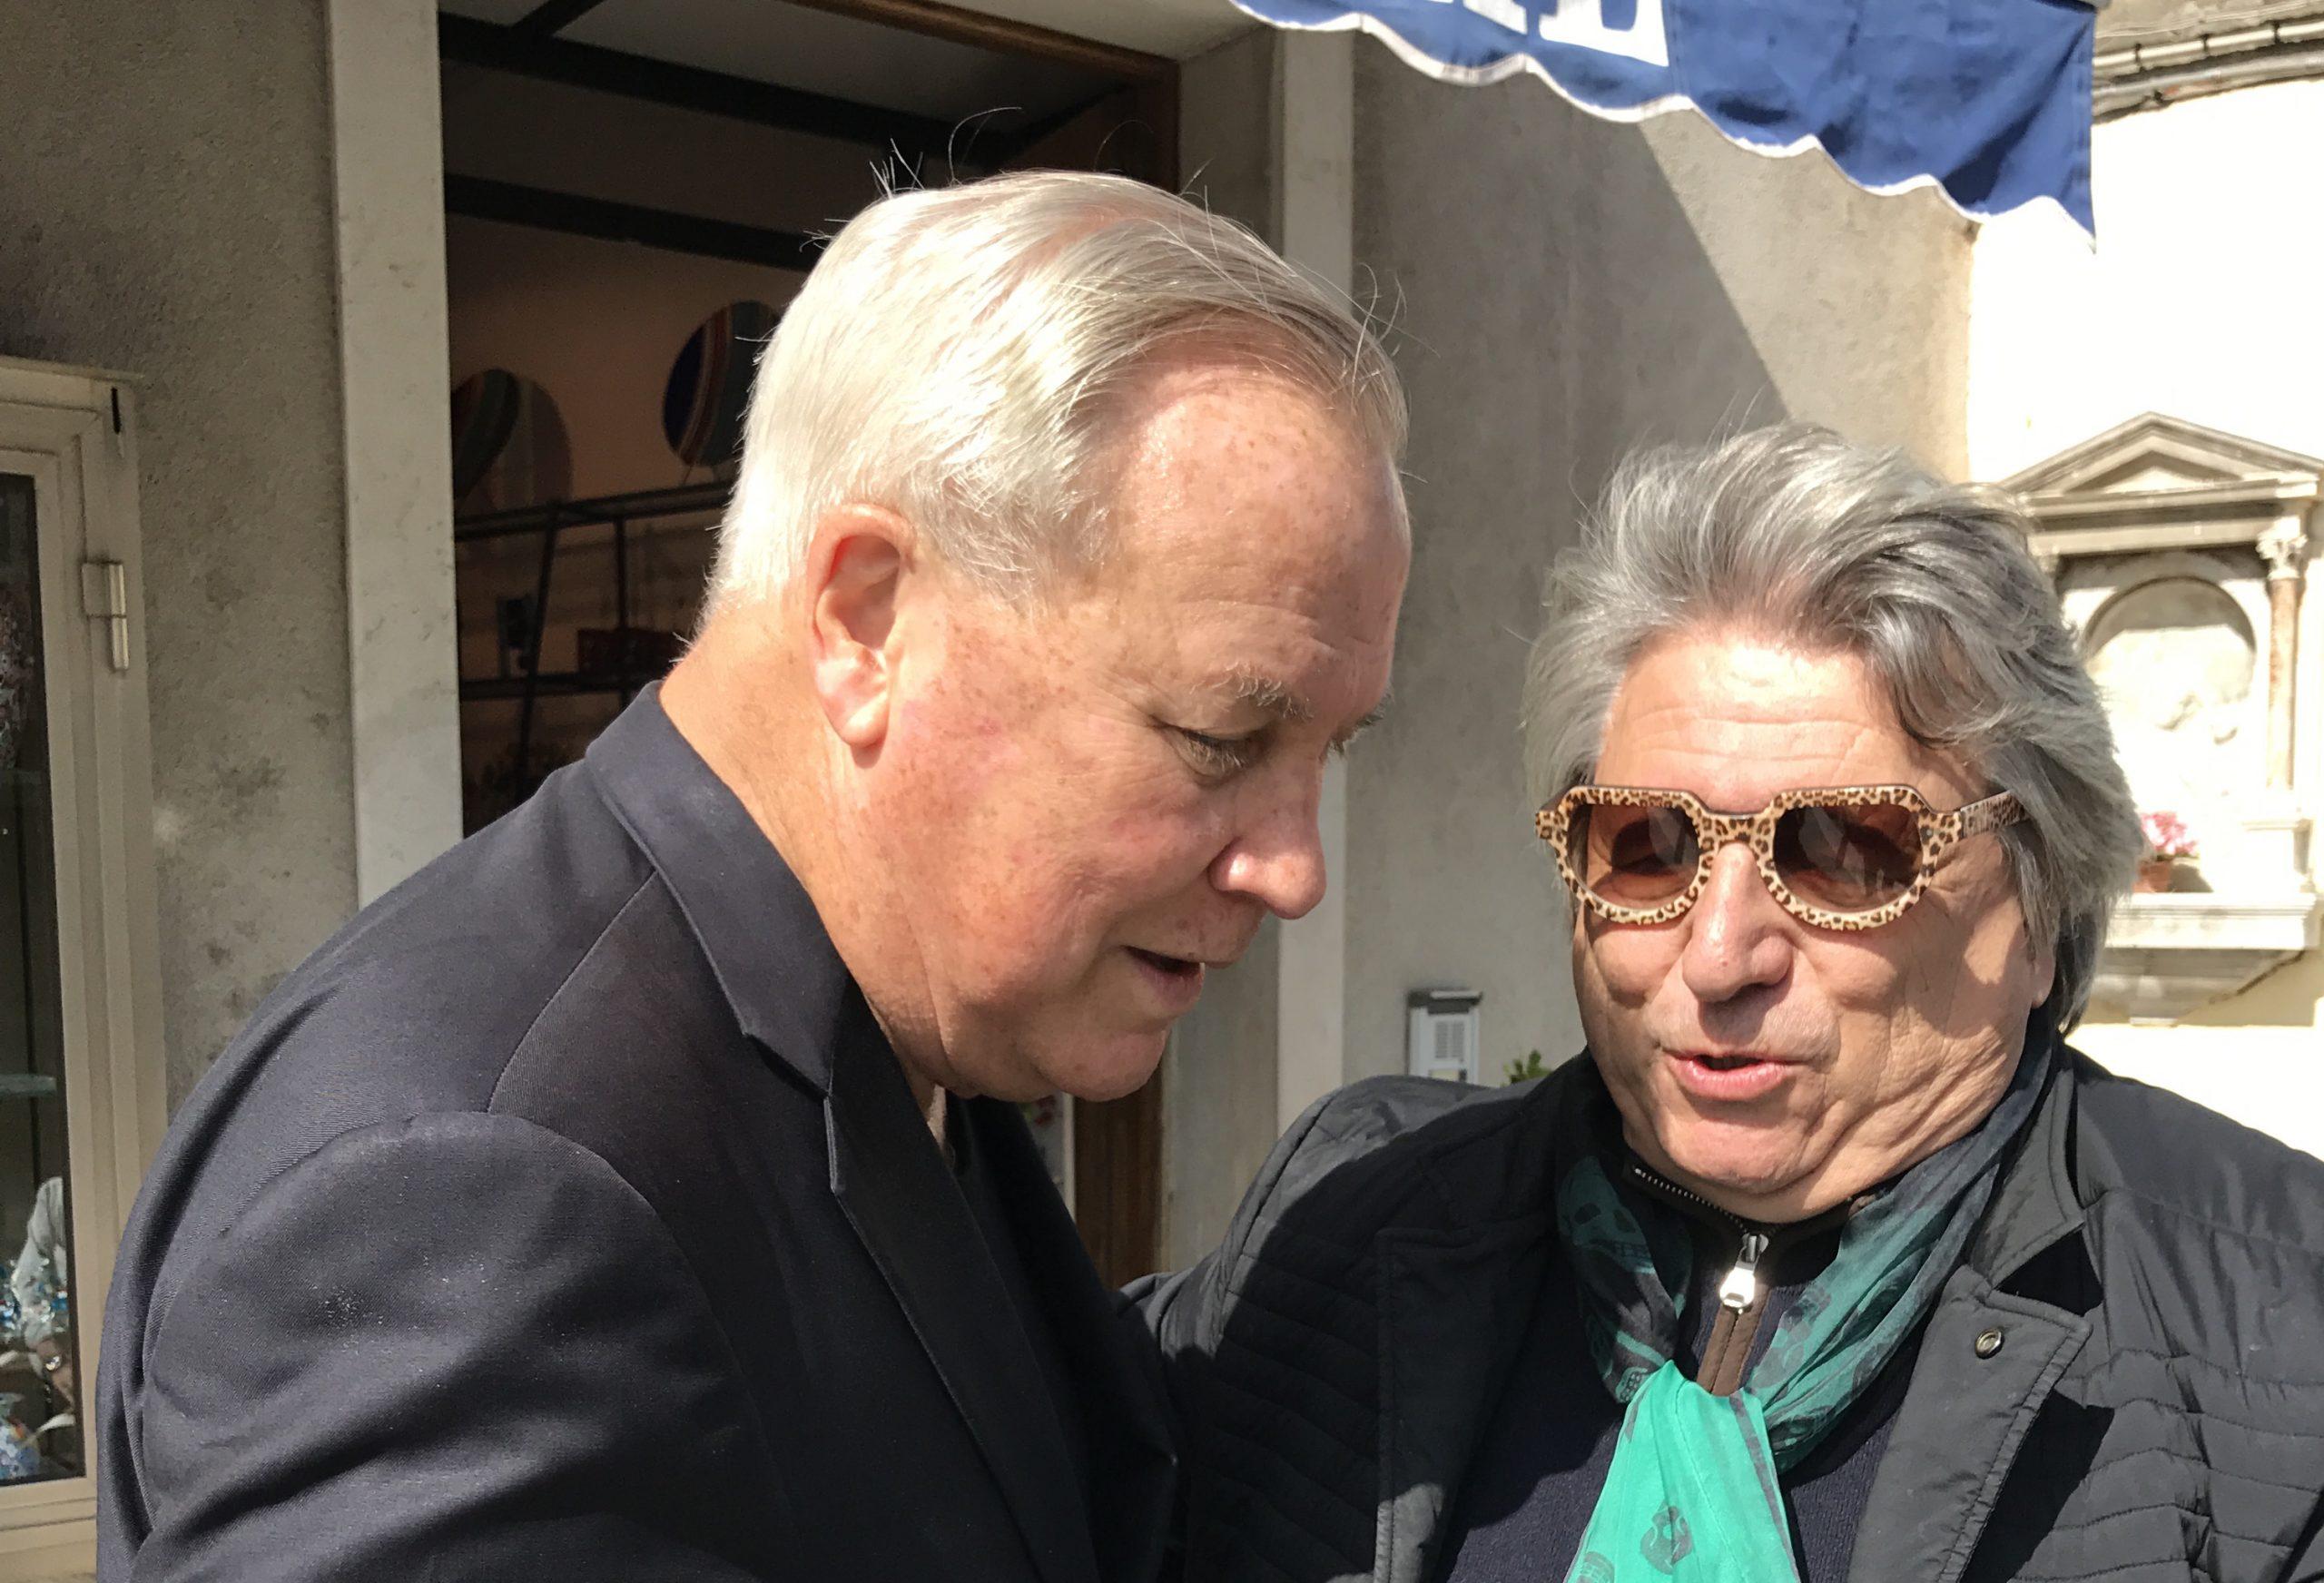 Robert Wilson and Adriano Berengo in Murano